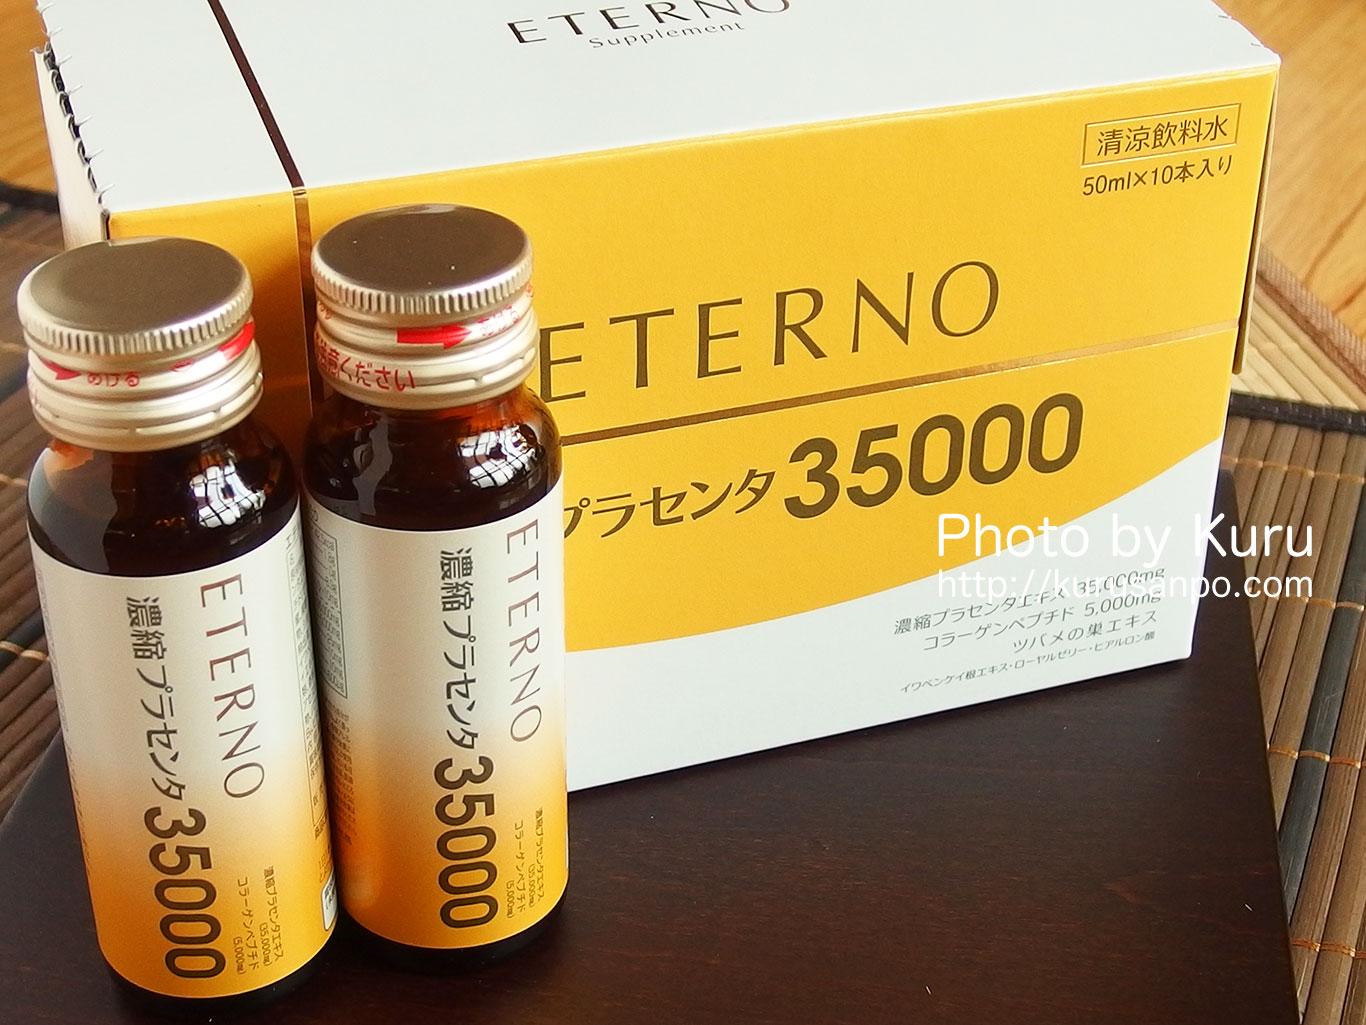 プラセンタエキスを発酵させて美容成分増加!エテルノの『濃縮プラセンタ』を飲んでみた♪